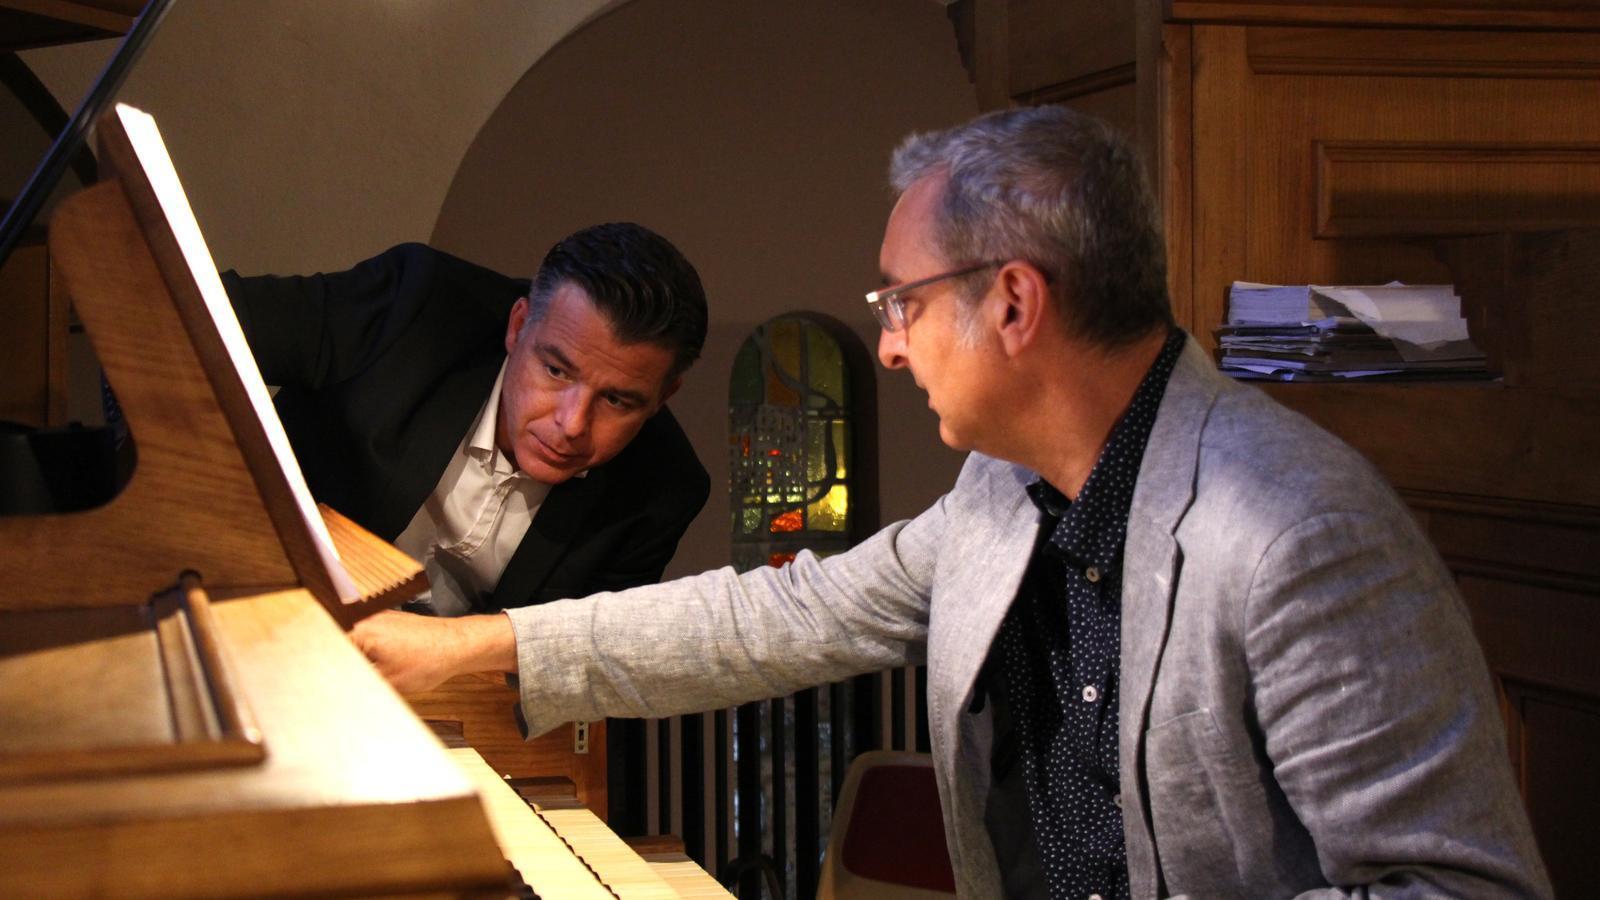 El cònsol menor d'Andorra la Vella, Marc Pons, i el director artístic del Festival Internacional Orgue&nd, Ignacio Ribas, amb l'orgue de l'església de Sant Esteve./ N. T. (ANA)